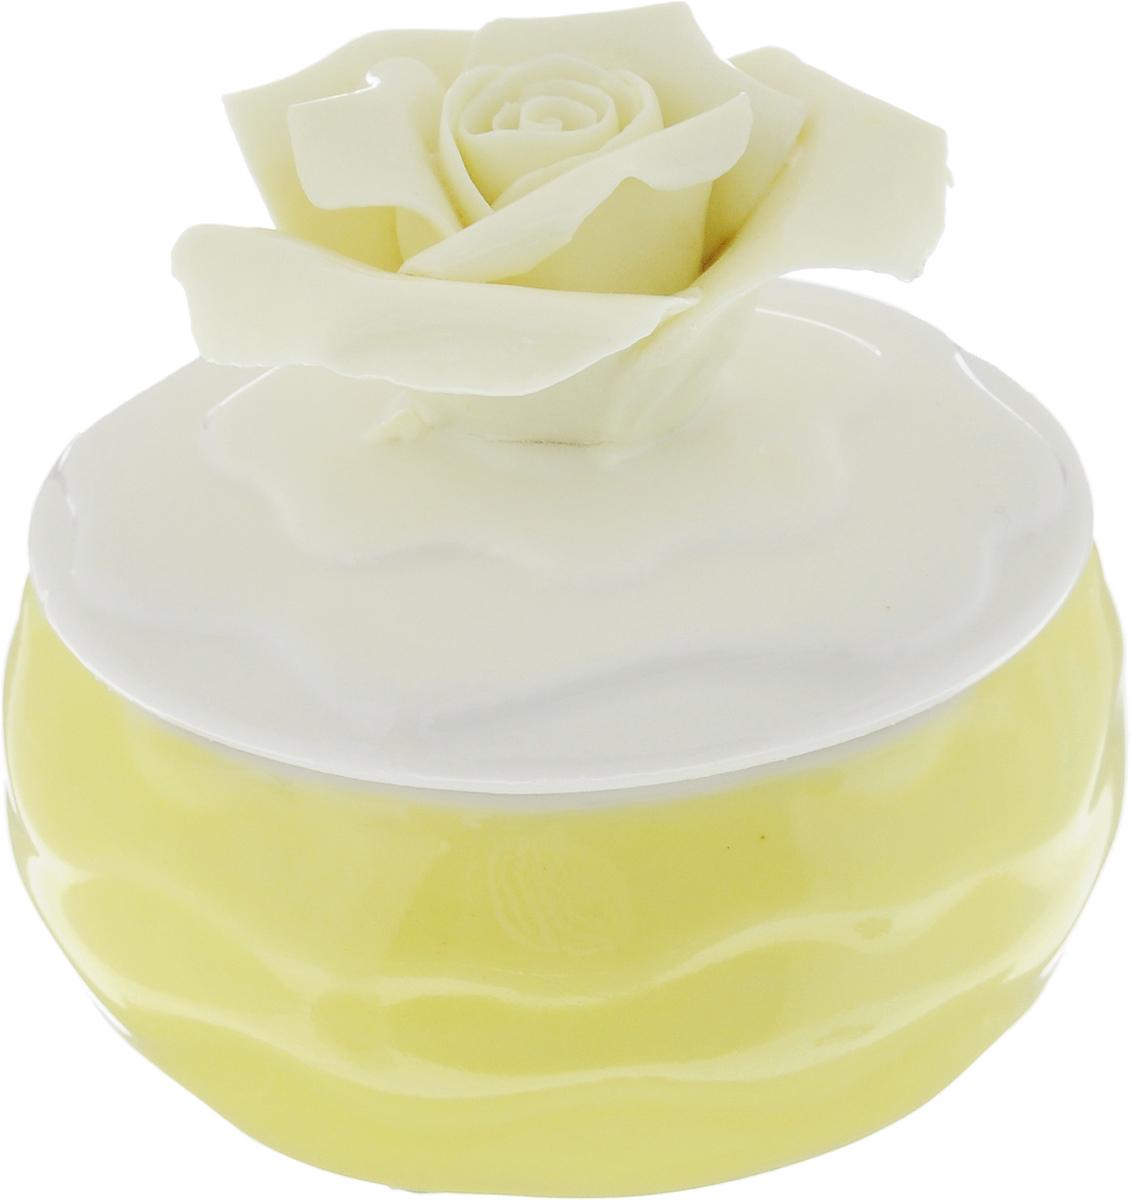 Шкатулка для украшений Феникс-Презент, цвет: желтый, белый, ванильный, 6 х 6 х 6 см43838Шкатулка Феникс-Презент предназначена для украшений. Изделие изготовлено из фарфора. Крышка шкатулки украшена розой. Вы можете поставить шкатулку в любом месте, где она будет удачно смотреться и радовать глаз. Кроме того - это отличный вариант подарка для ваших близких и друзей. Размер шкатулки: 6 х 6 х 6 см.